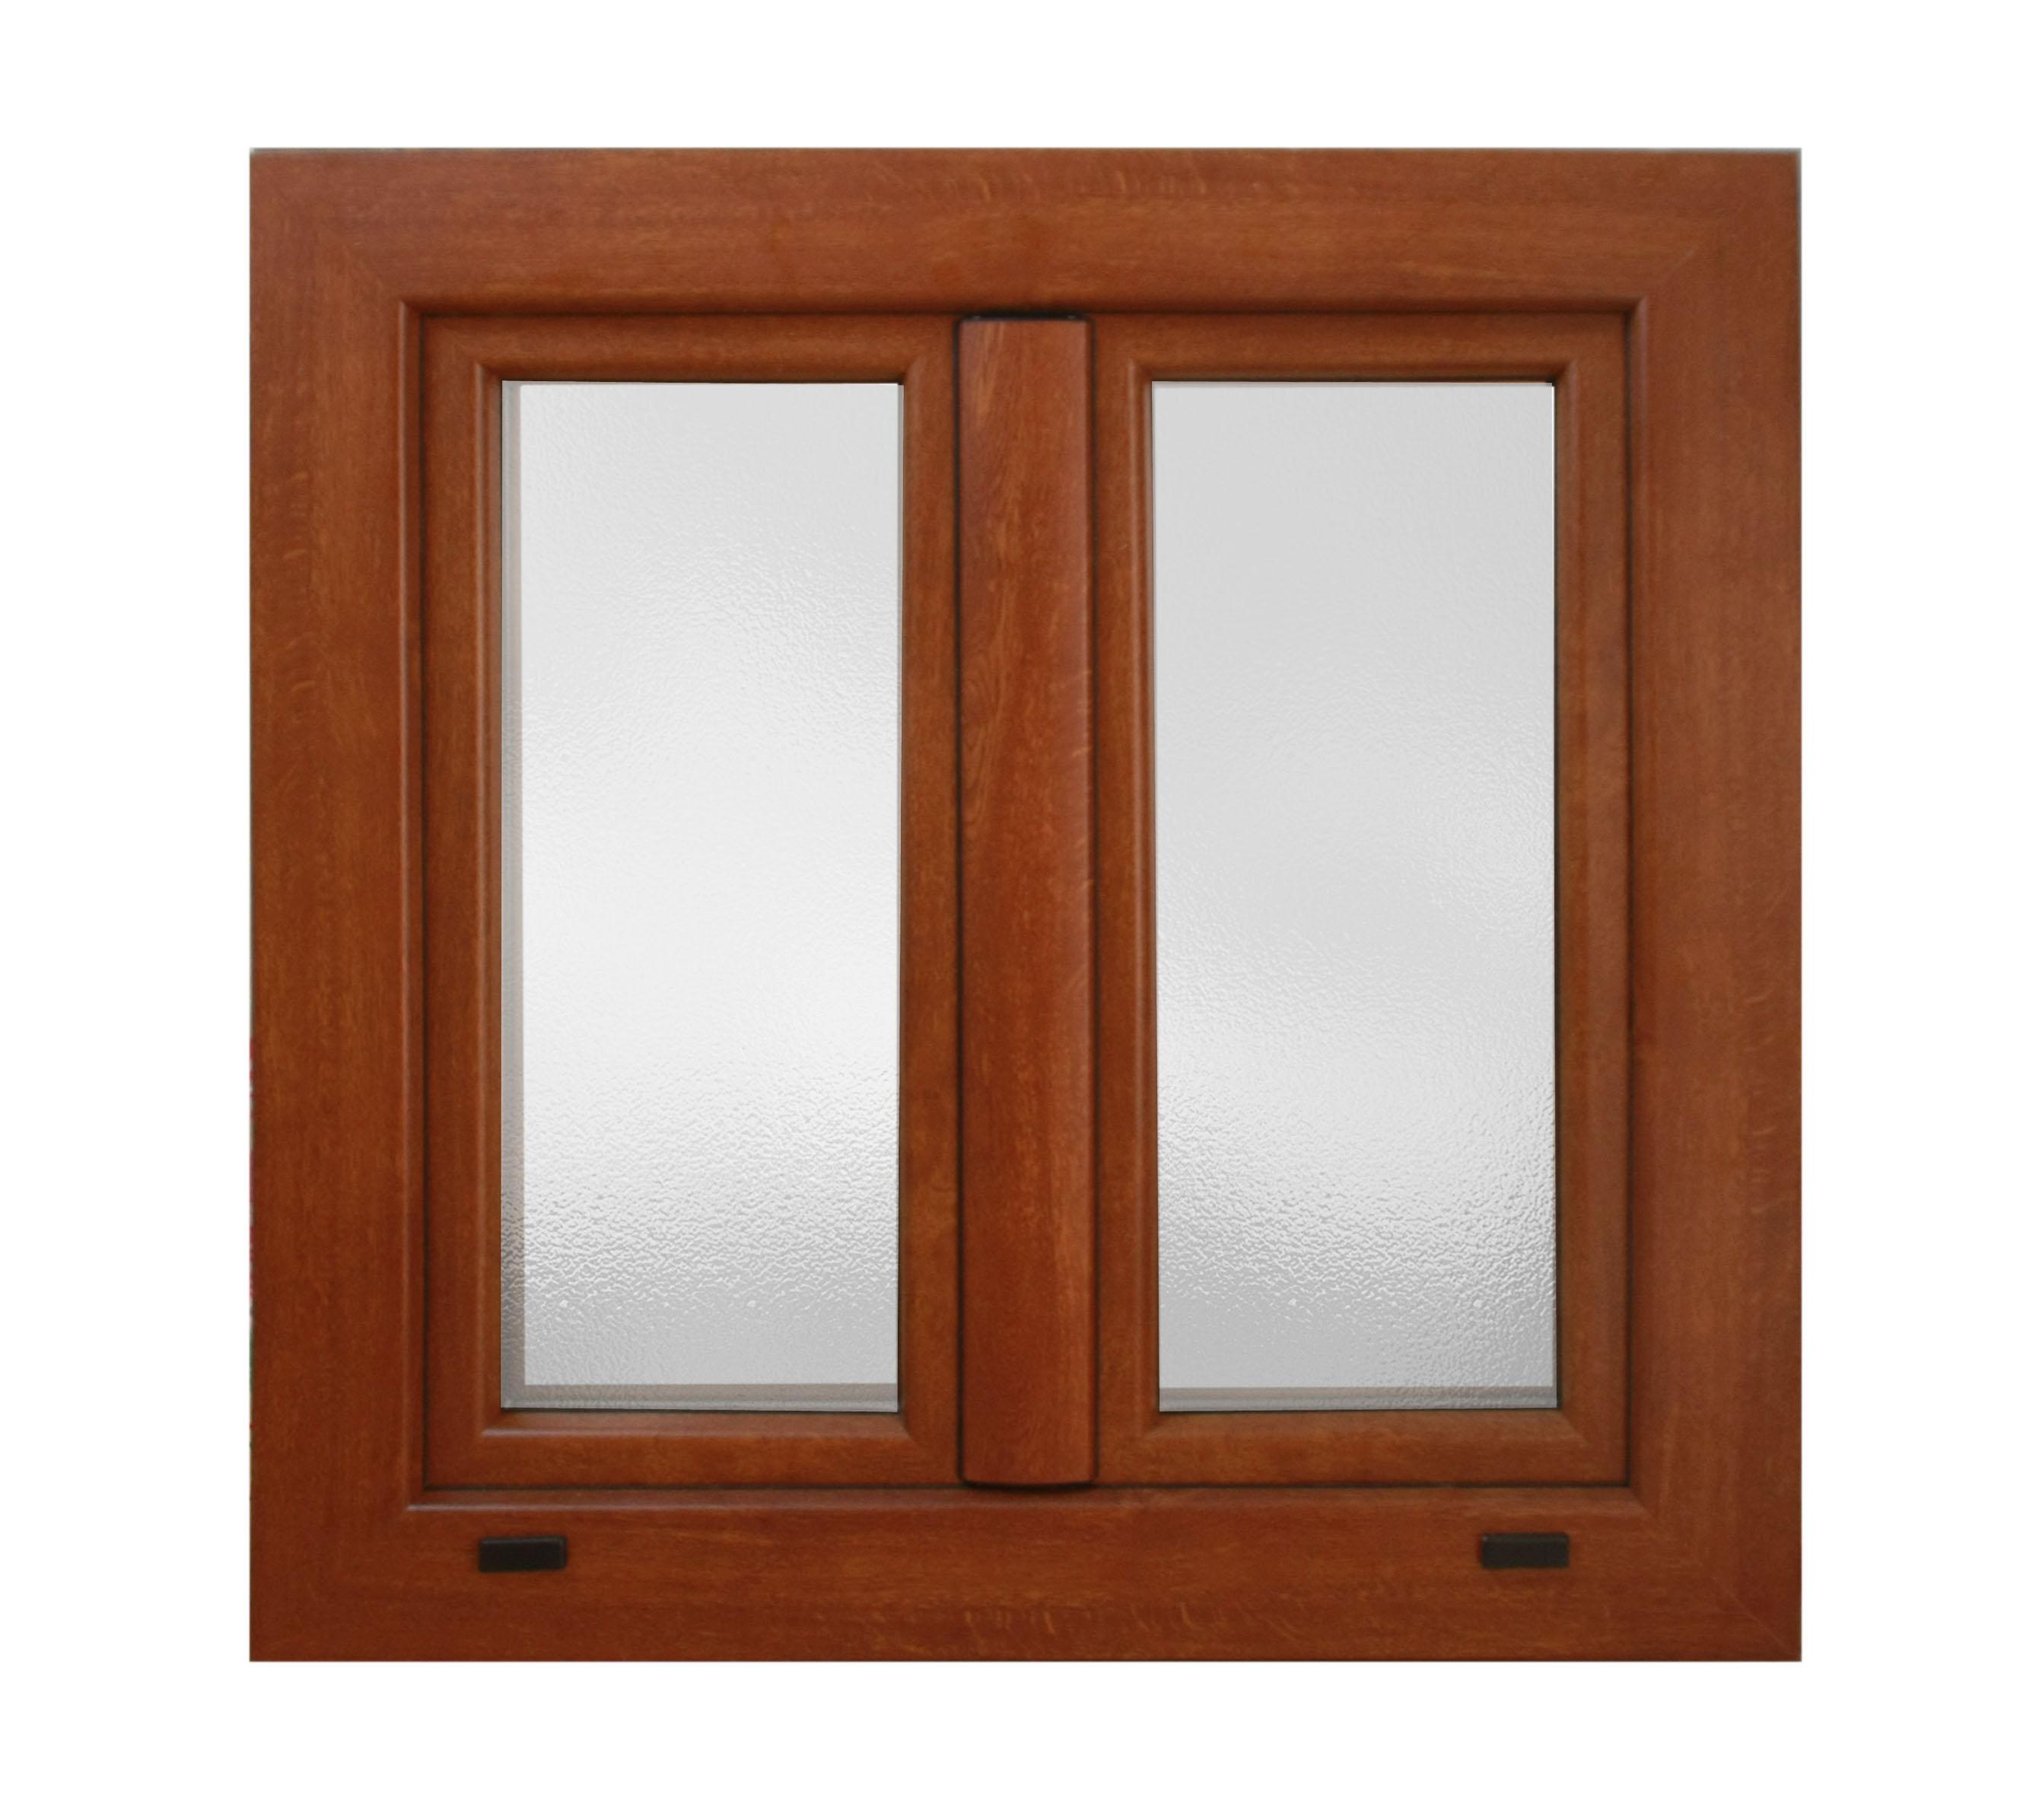 Fotos de ventanas en aluminio fotos presupuesto e imagenes - Cambiar ventanas precio ...